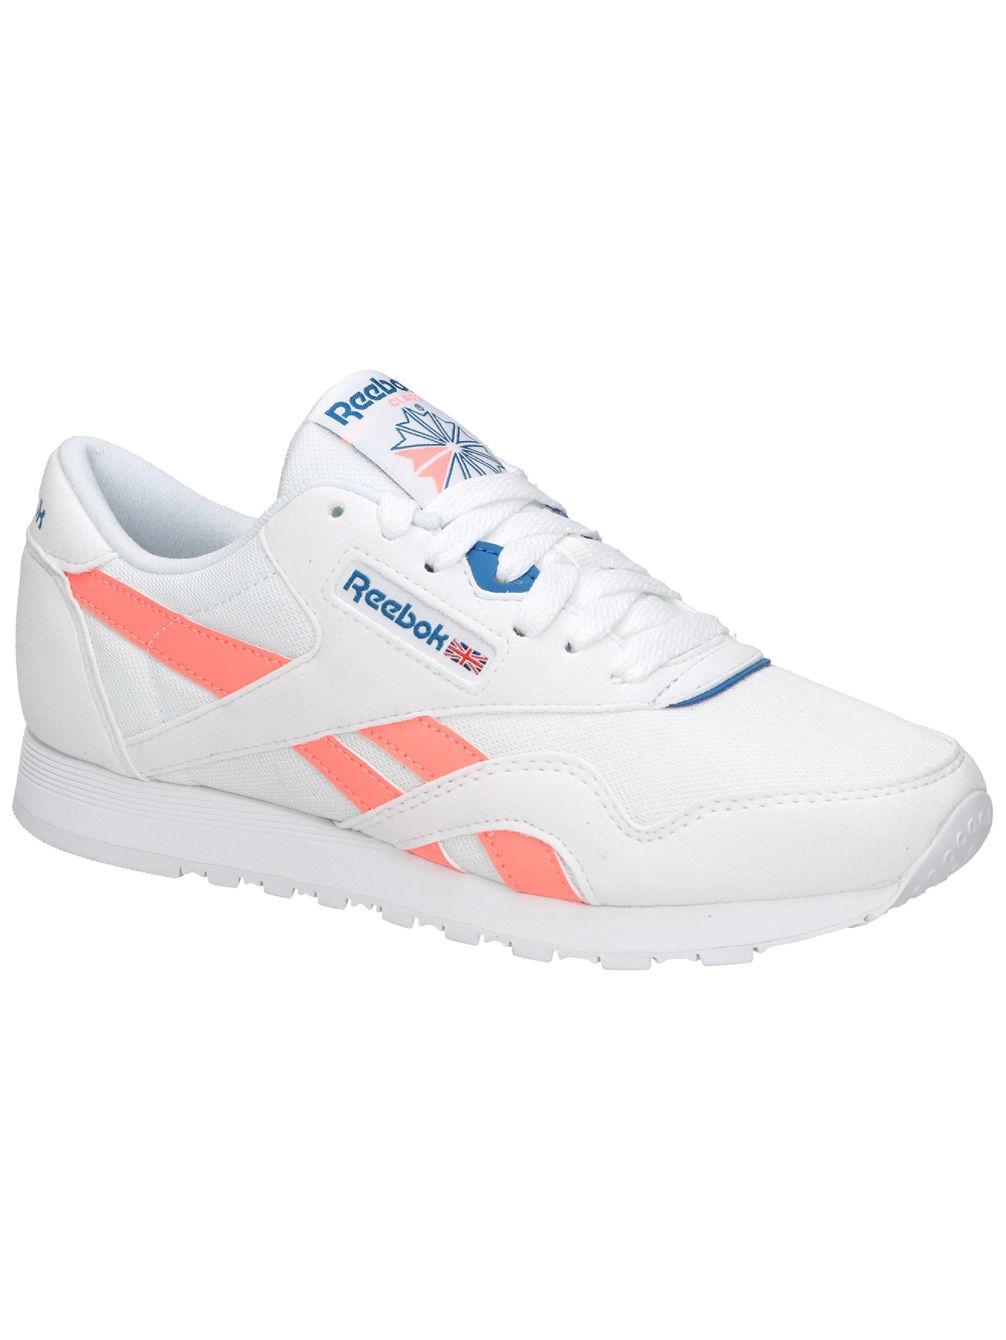 46c27313b435 Buy Reebok Classic Nylon OG Sneakers Women online at blue-tomato.com